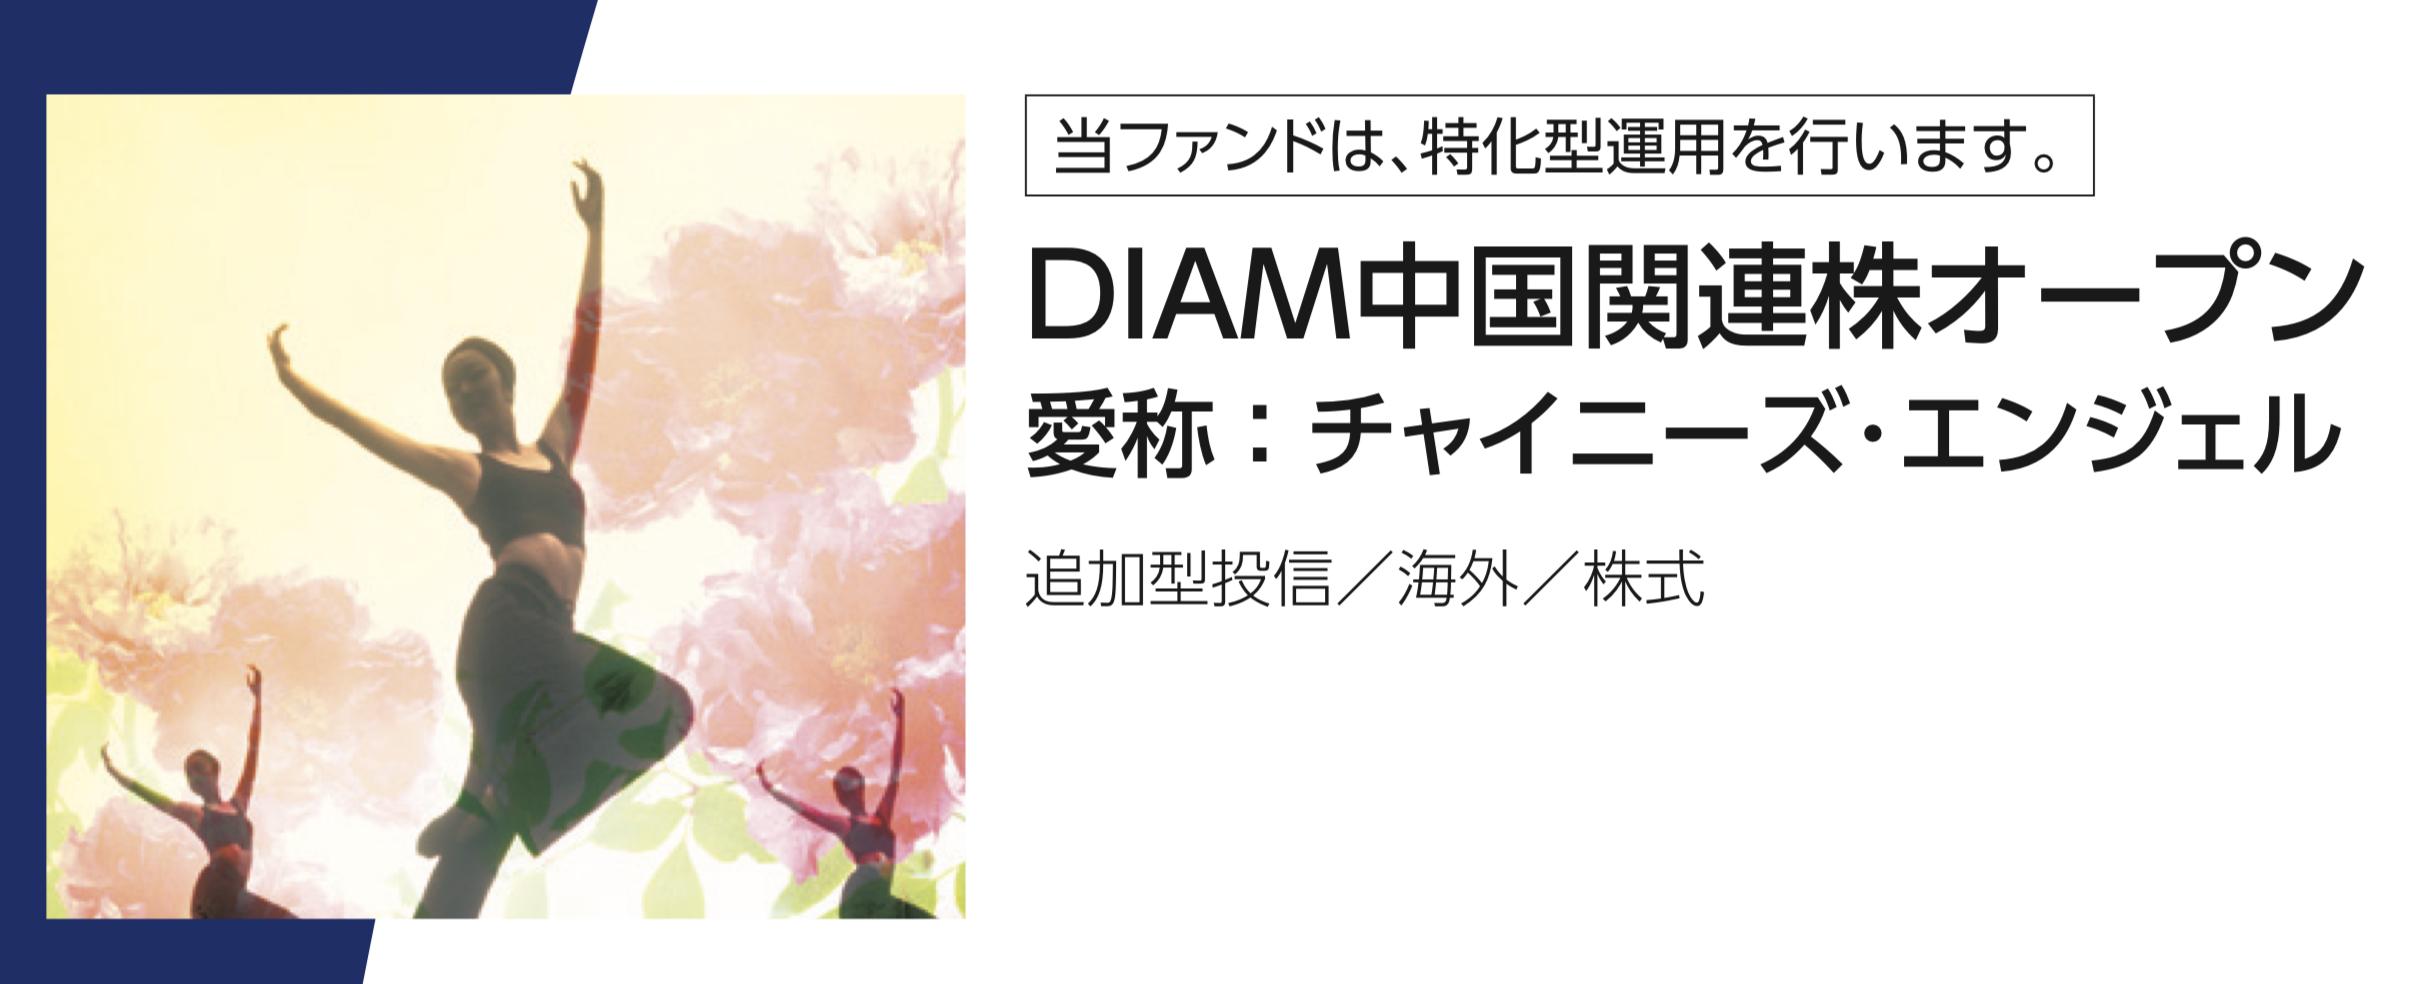 【チャイニーズ・エンジェル】投資信託「DIAM中国関連株オープン」とは?広い意味で中国全体に投資をする投信を徹底評価!